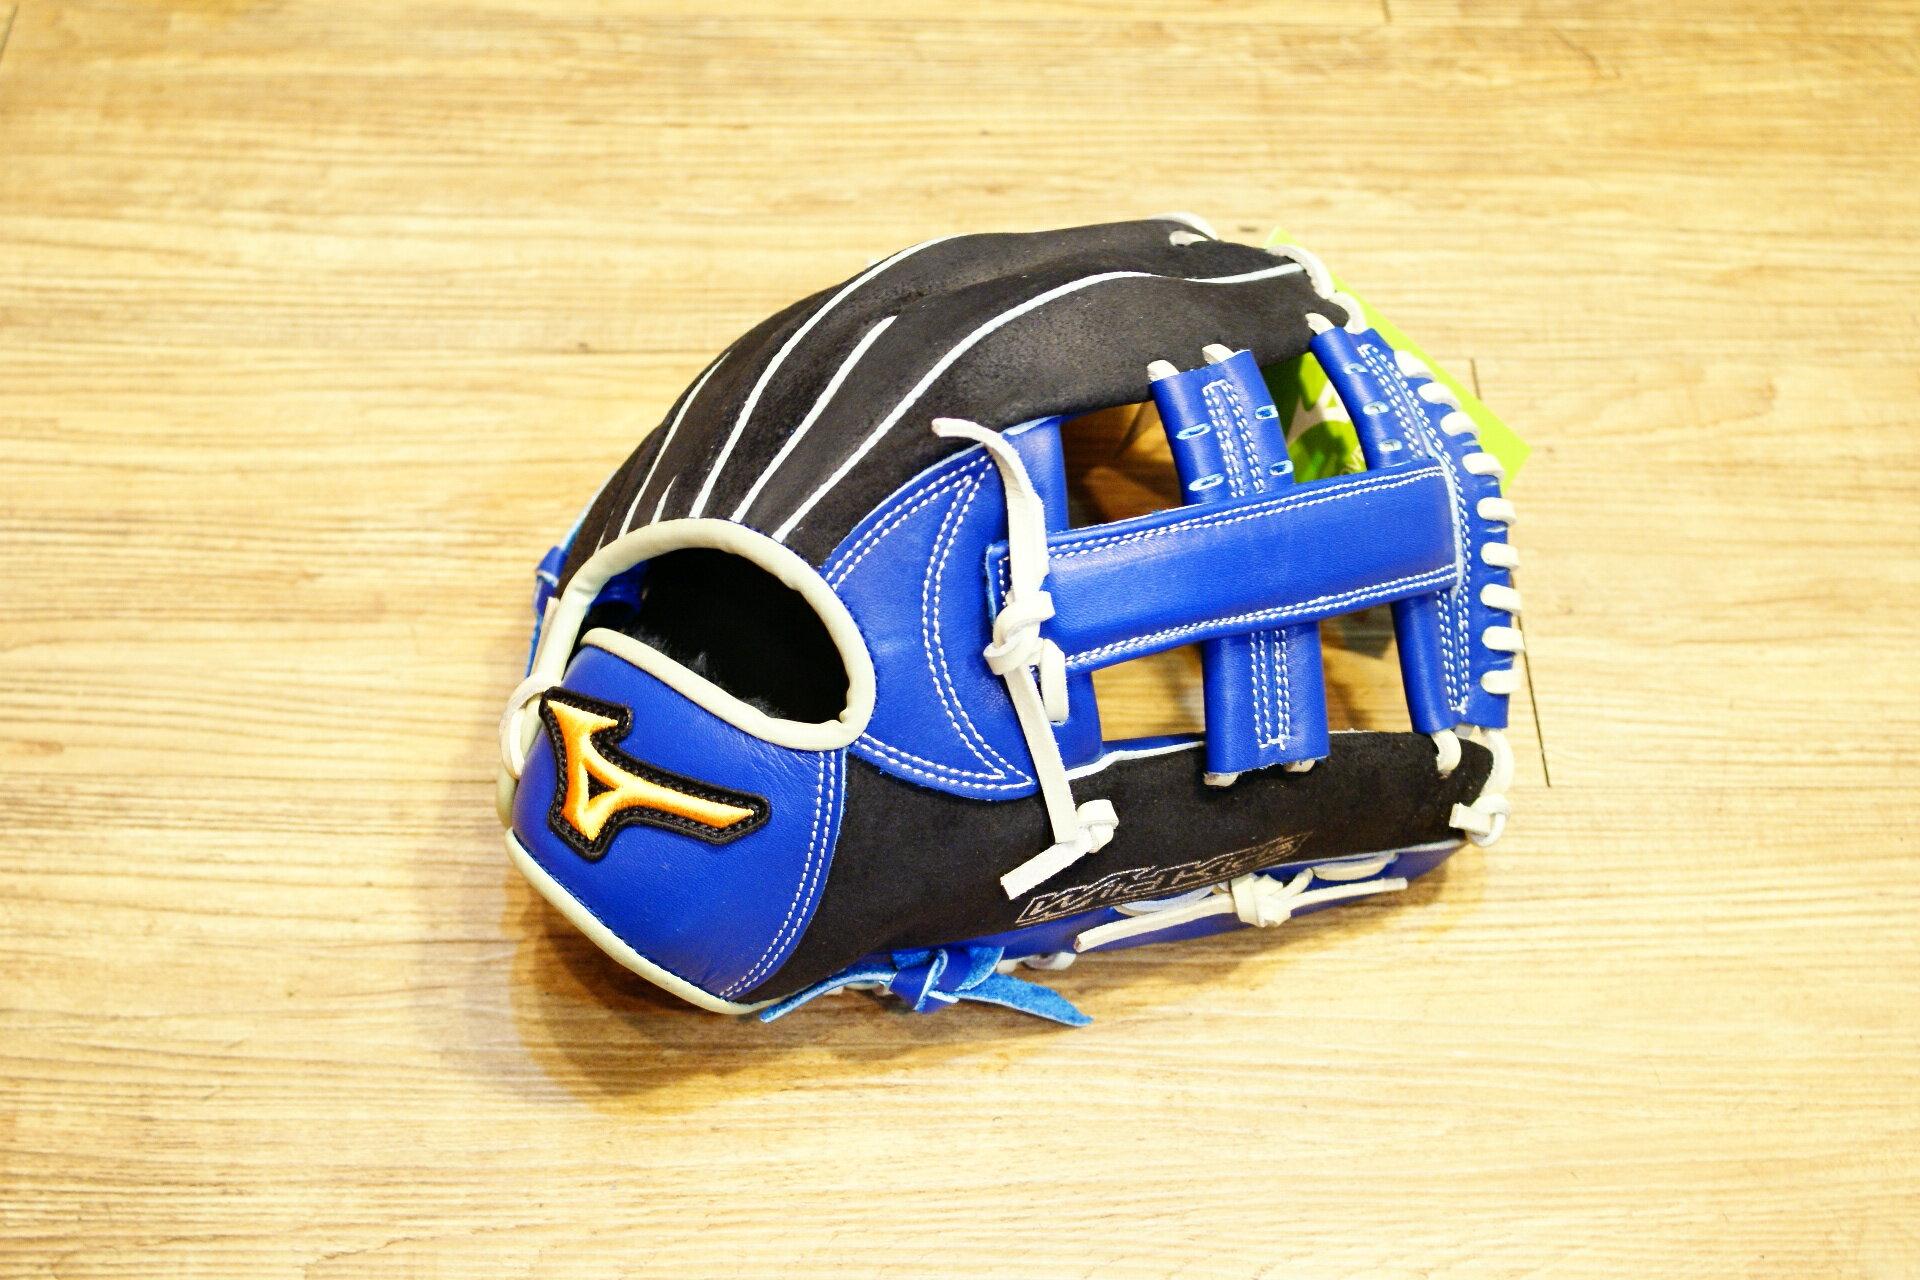 棒球世界 2015年 Mizuno美津濃 WILD KIDS 少年用手套特價 黑藍色 十字款